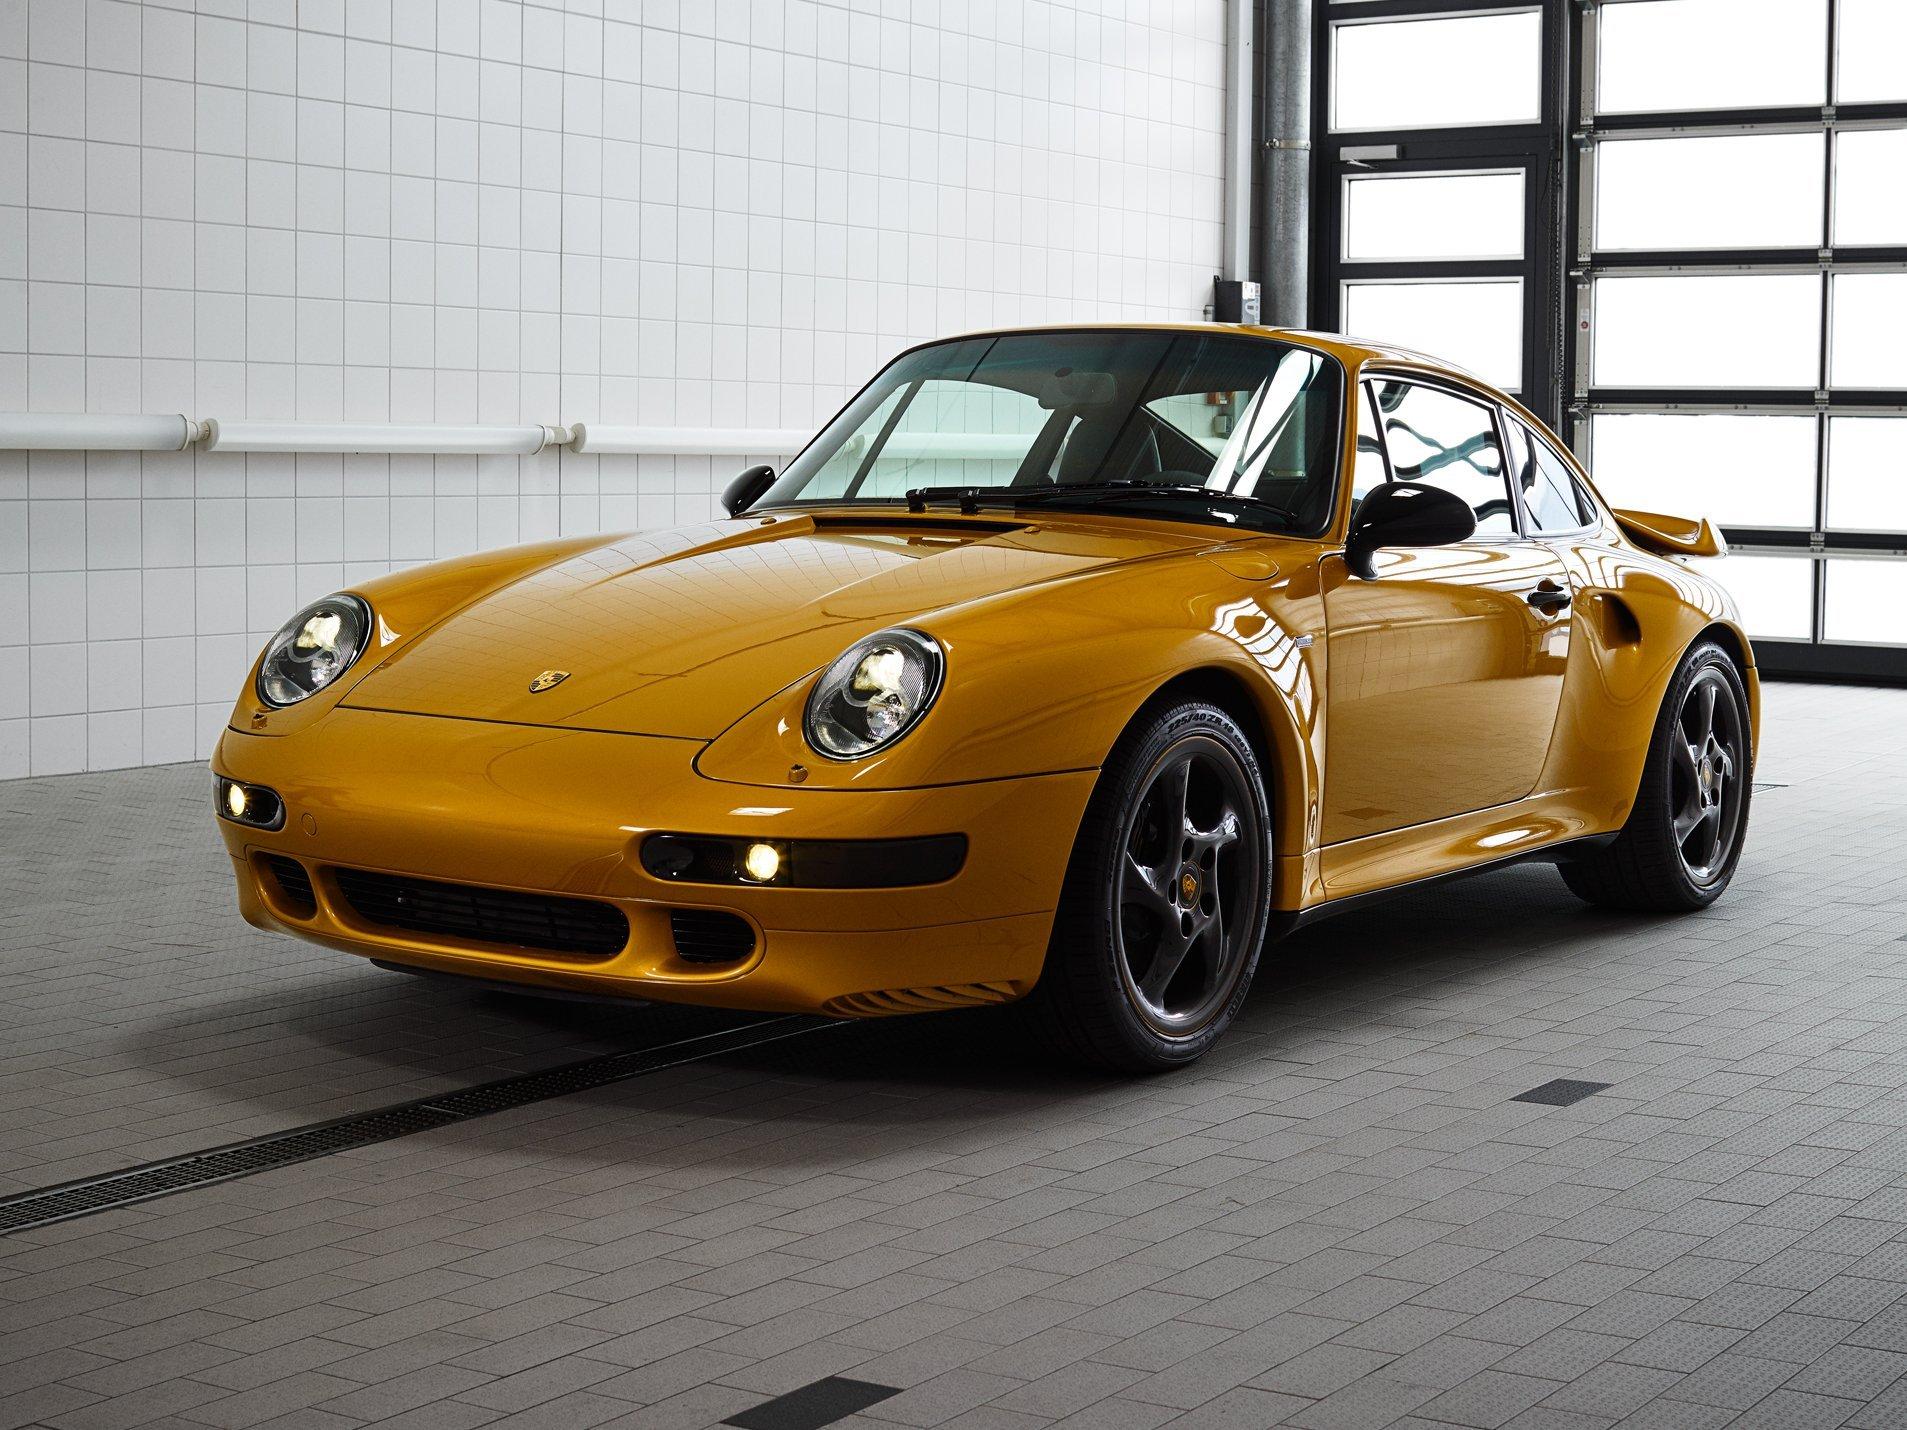 Компания Порш представила особое купе Порше 911 Project Gold